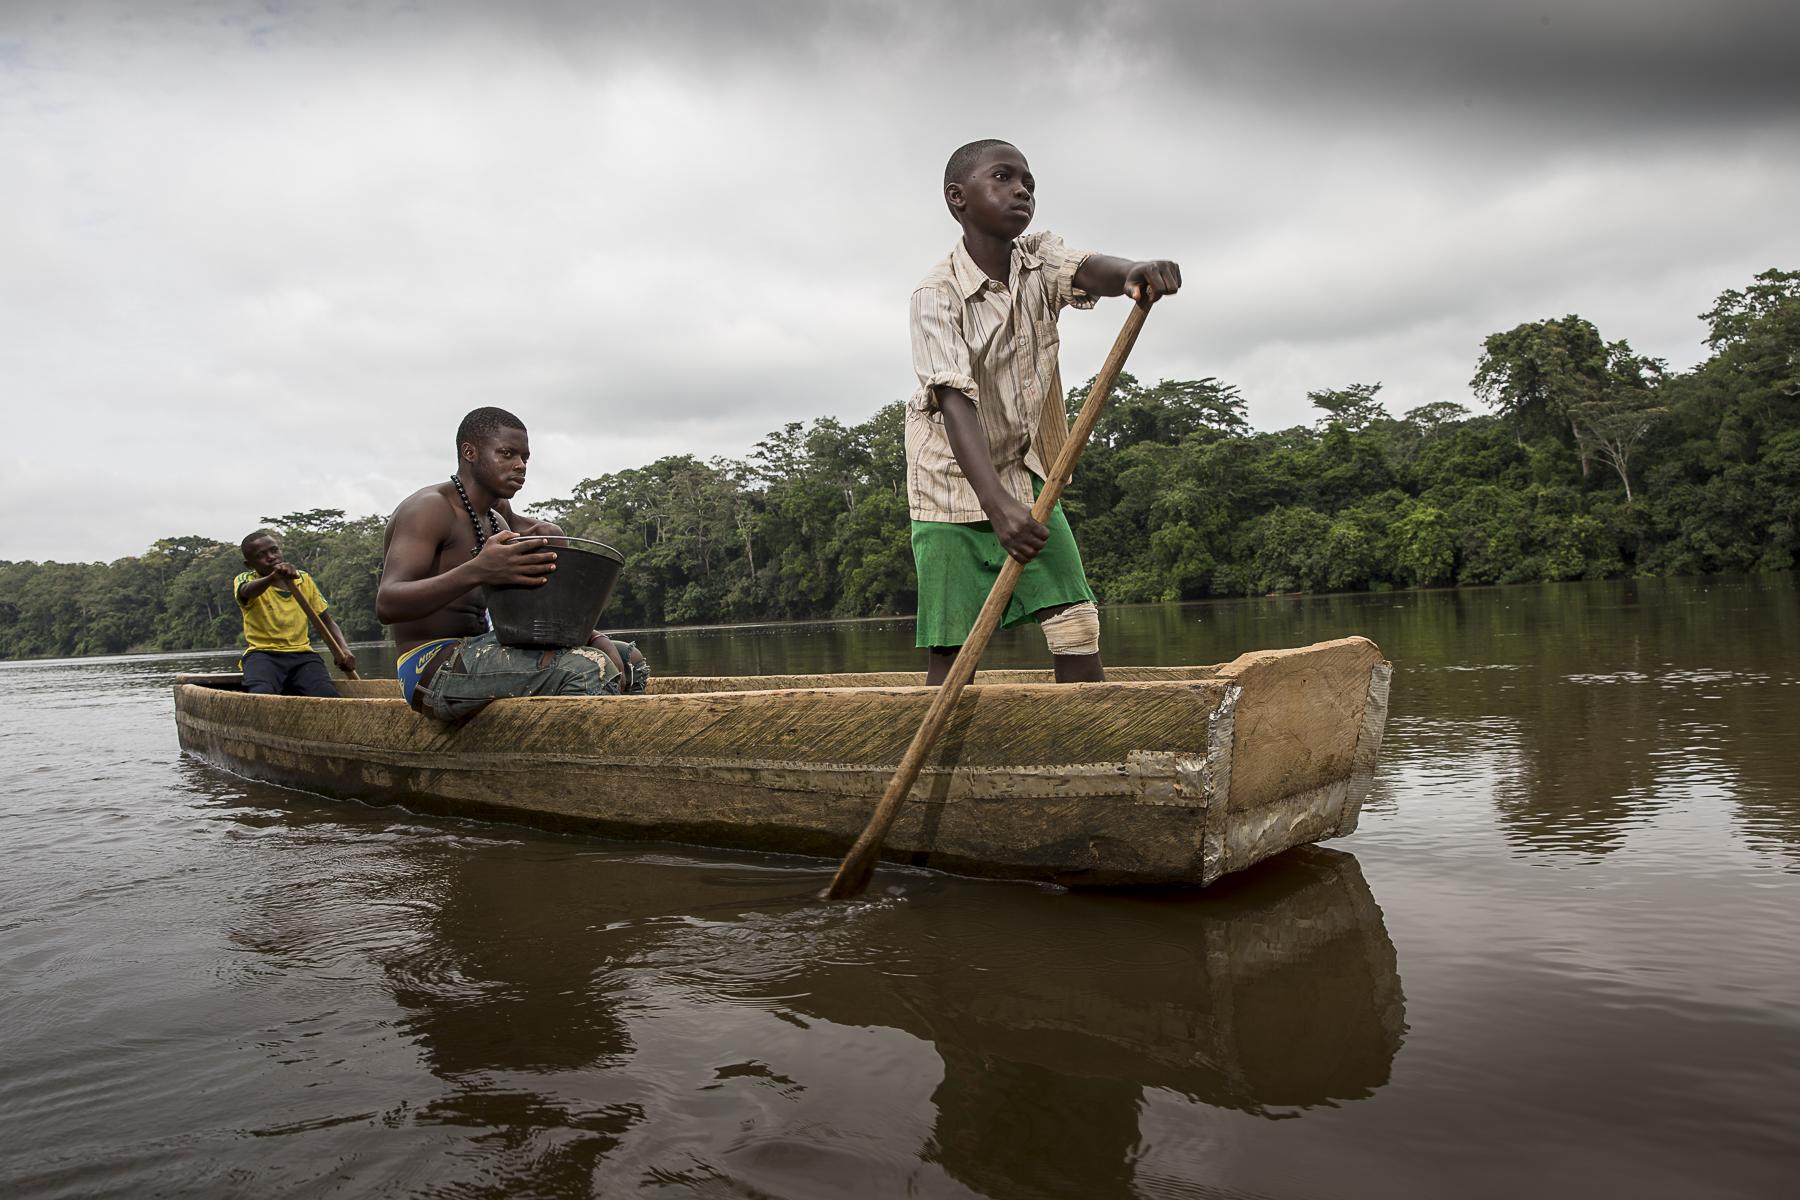 La rivière N\'goko à Mouloundou, à 65 km du piont zéro.C\'est la route fluviale qu\'a emprunté le patient zéro au debut du 20 ème siècle pour aller vers Léopoldville, aujoud\'hui Kinshasa et permettre à l\{quote}épidémie de se rependre.